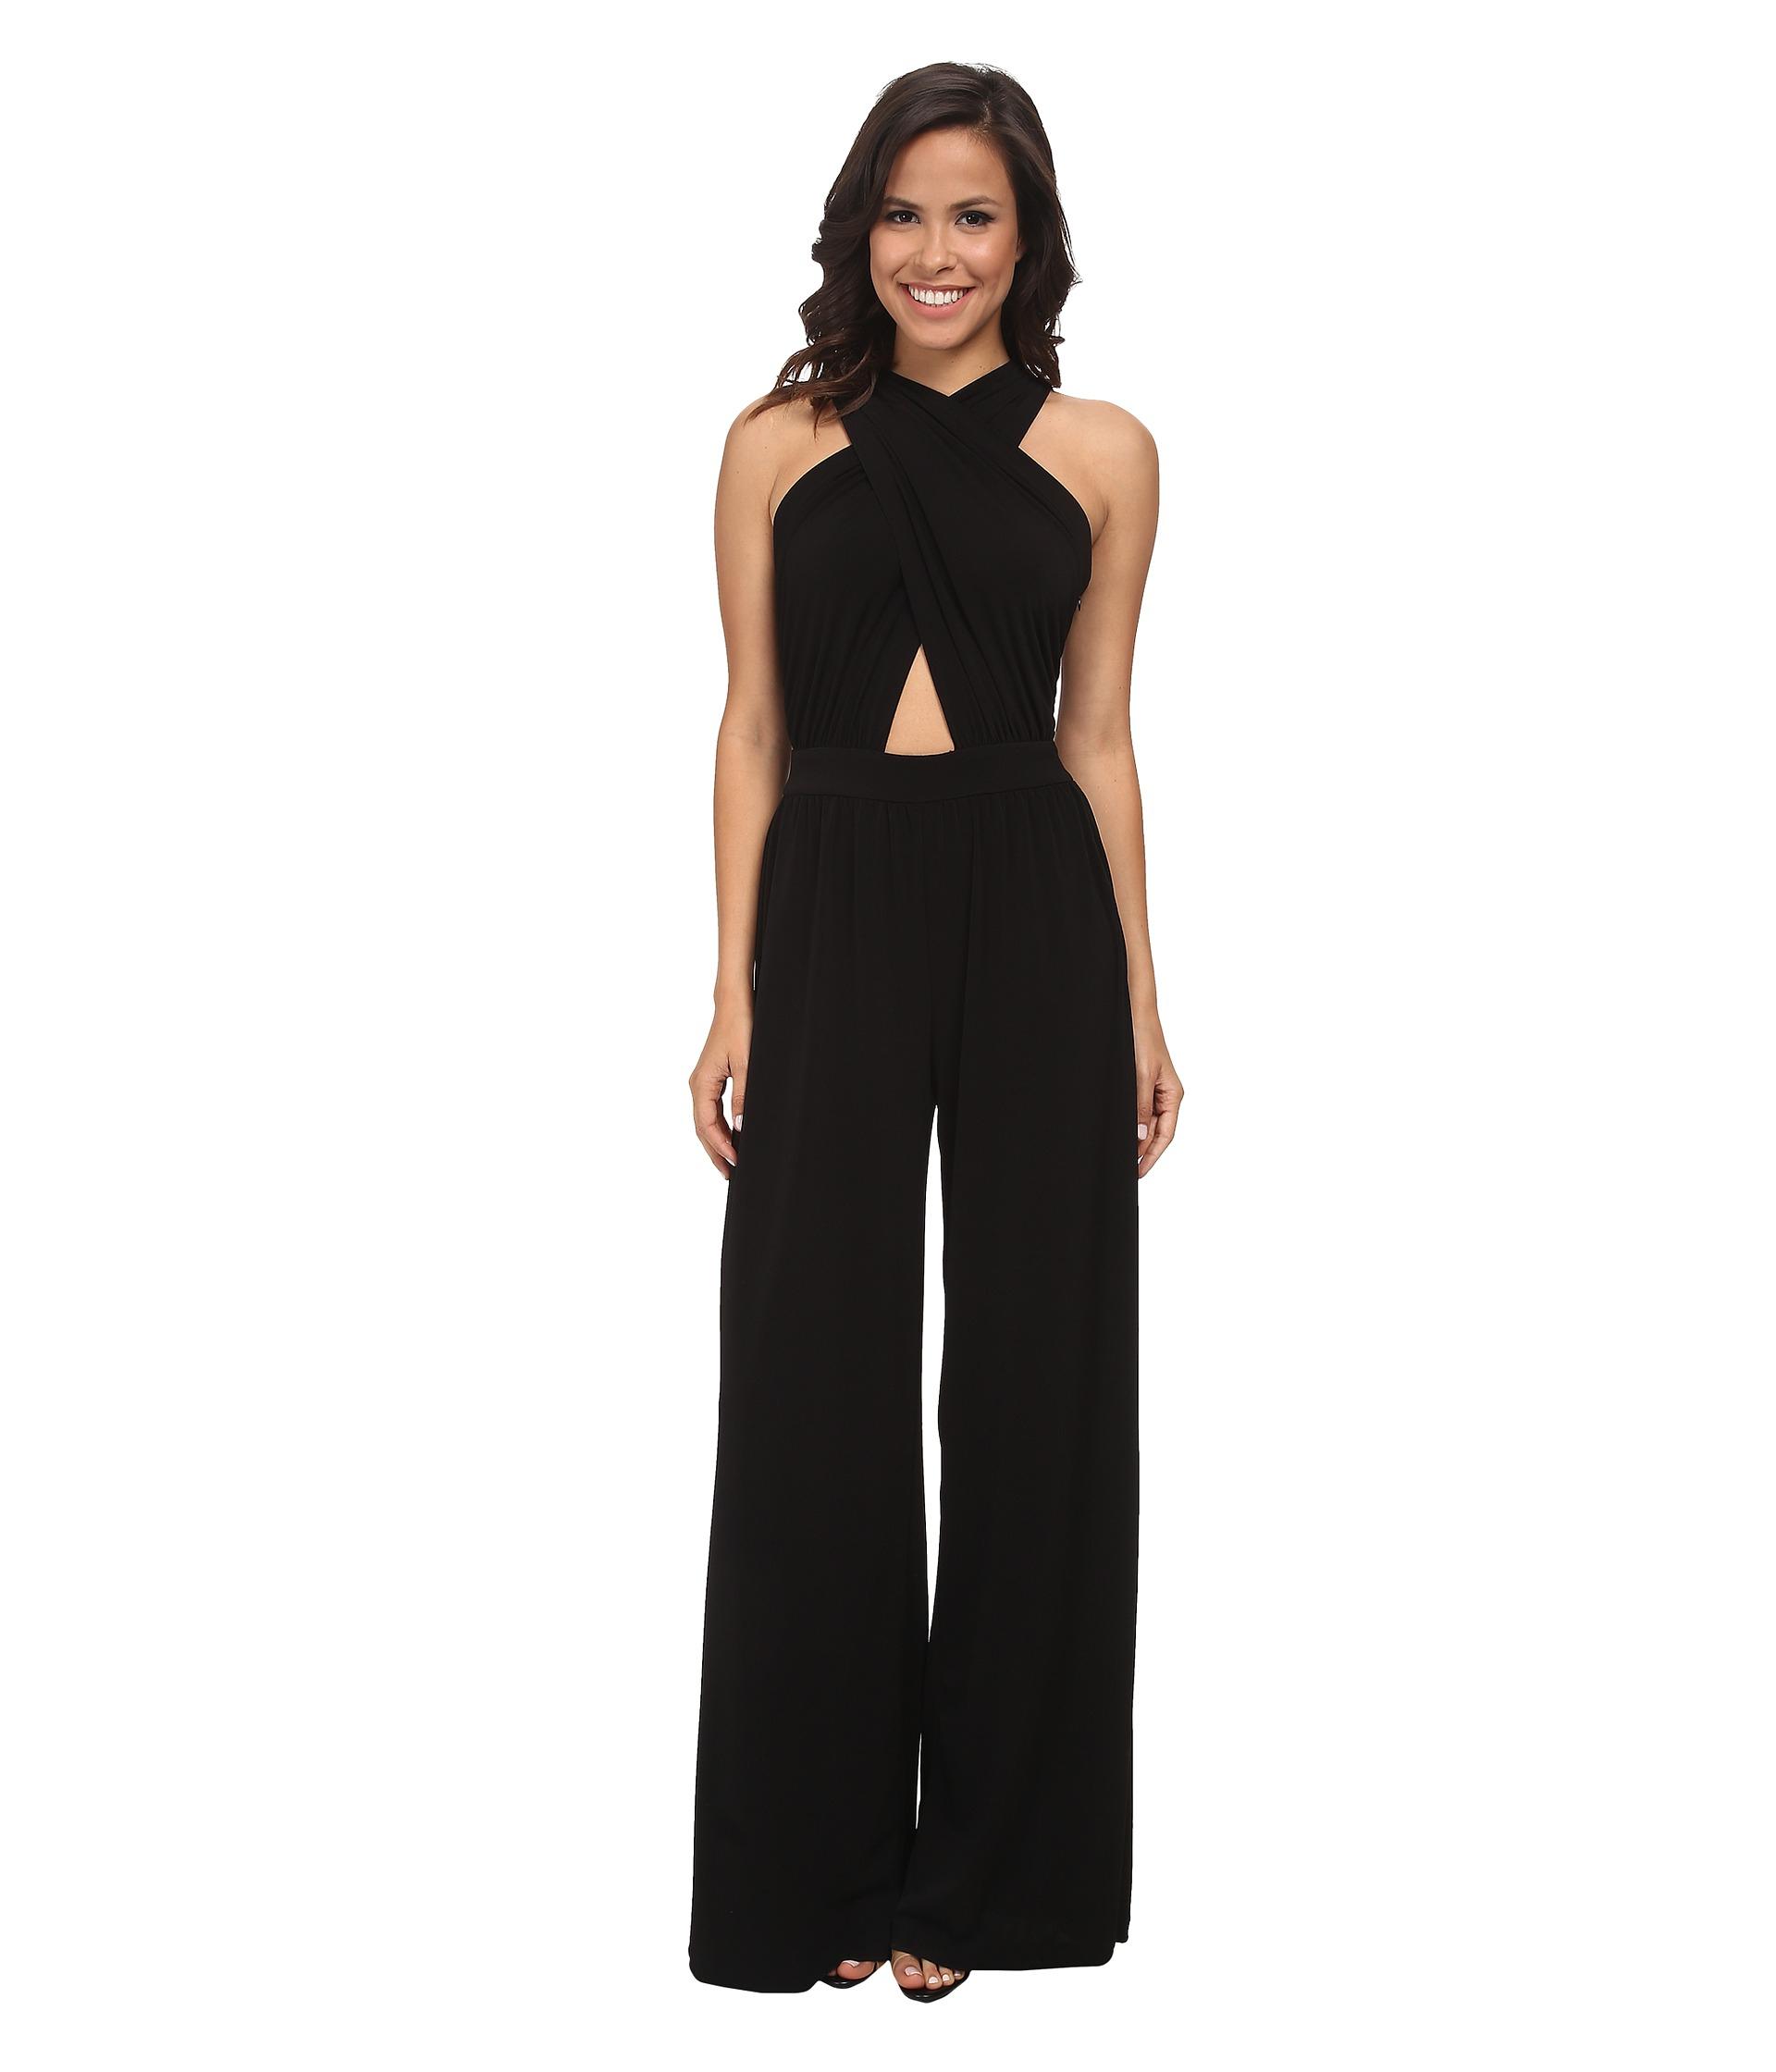 aa94e498de5 Lyst - Rachel Zoe Robbins Jumpsuit in Black